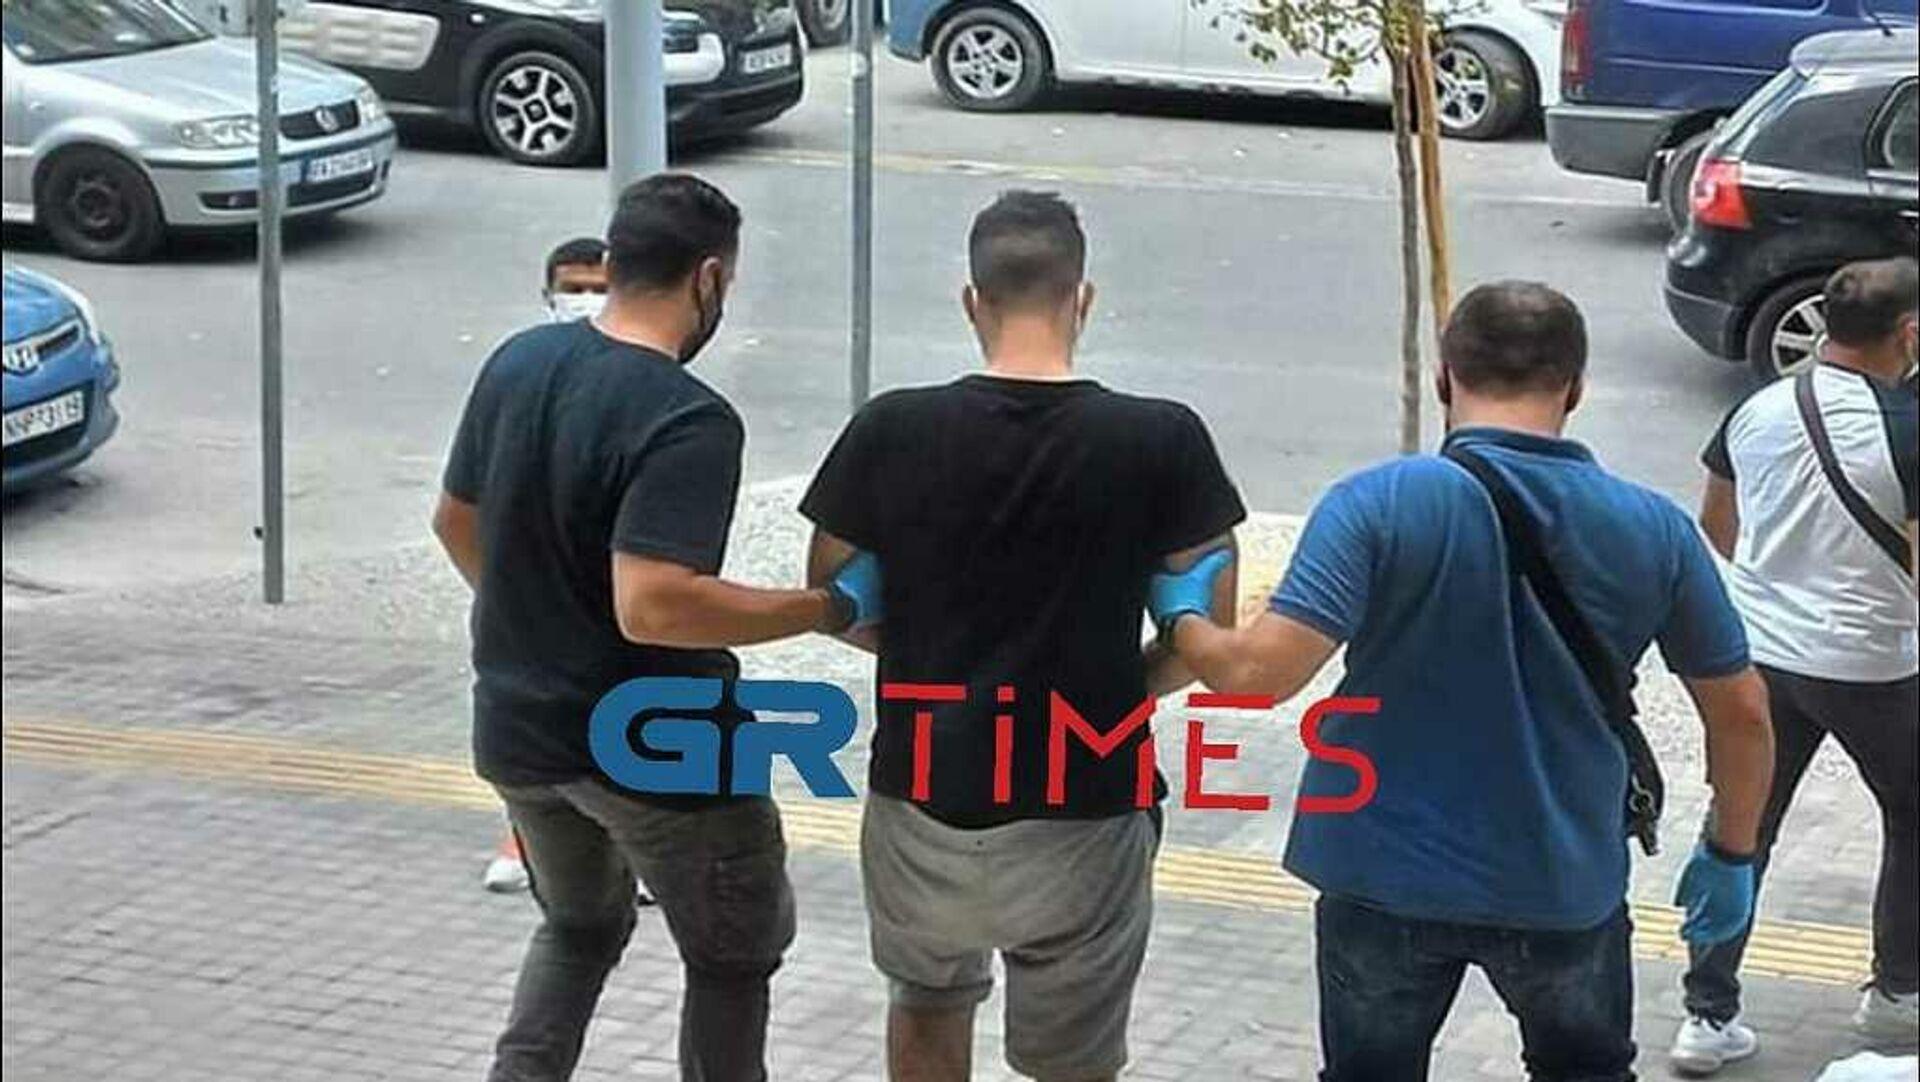 Ο 20χρονος που κατηγορείται για θανάσιμο ξυλοδαρμό ηλικιωμένης - Sputnik Ελλάδα, 1920, 10.09.2021